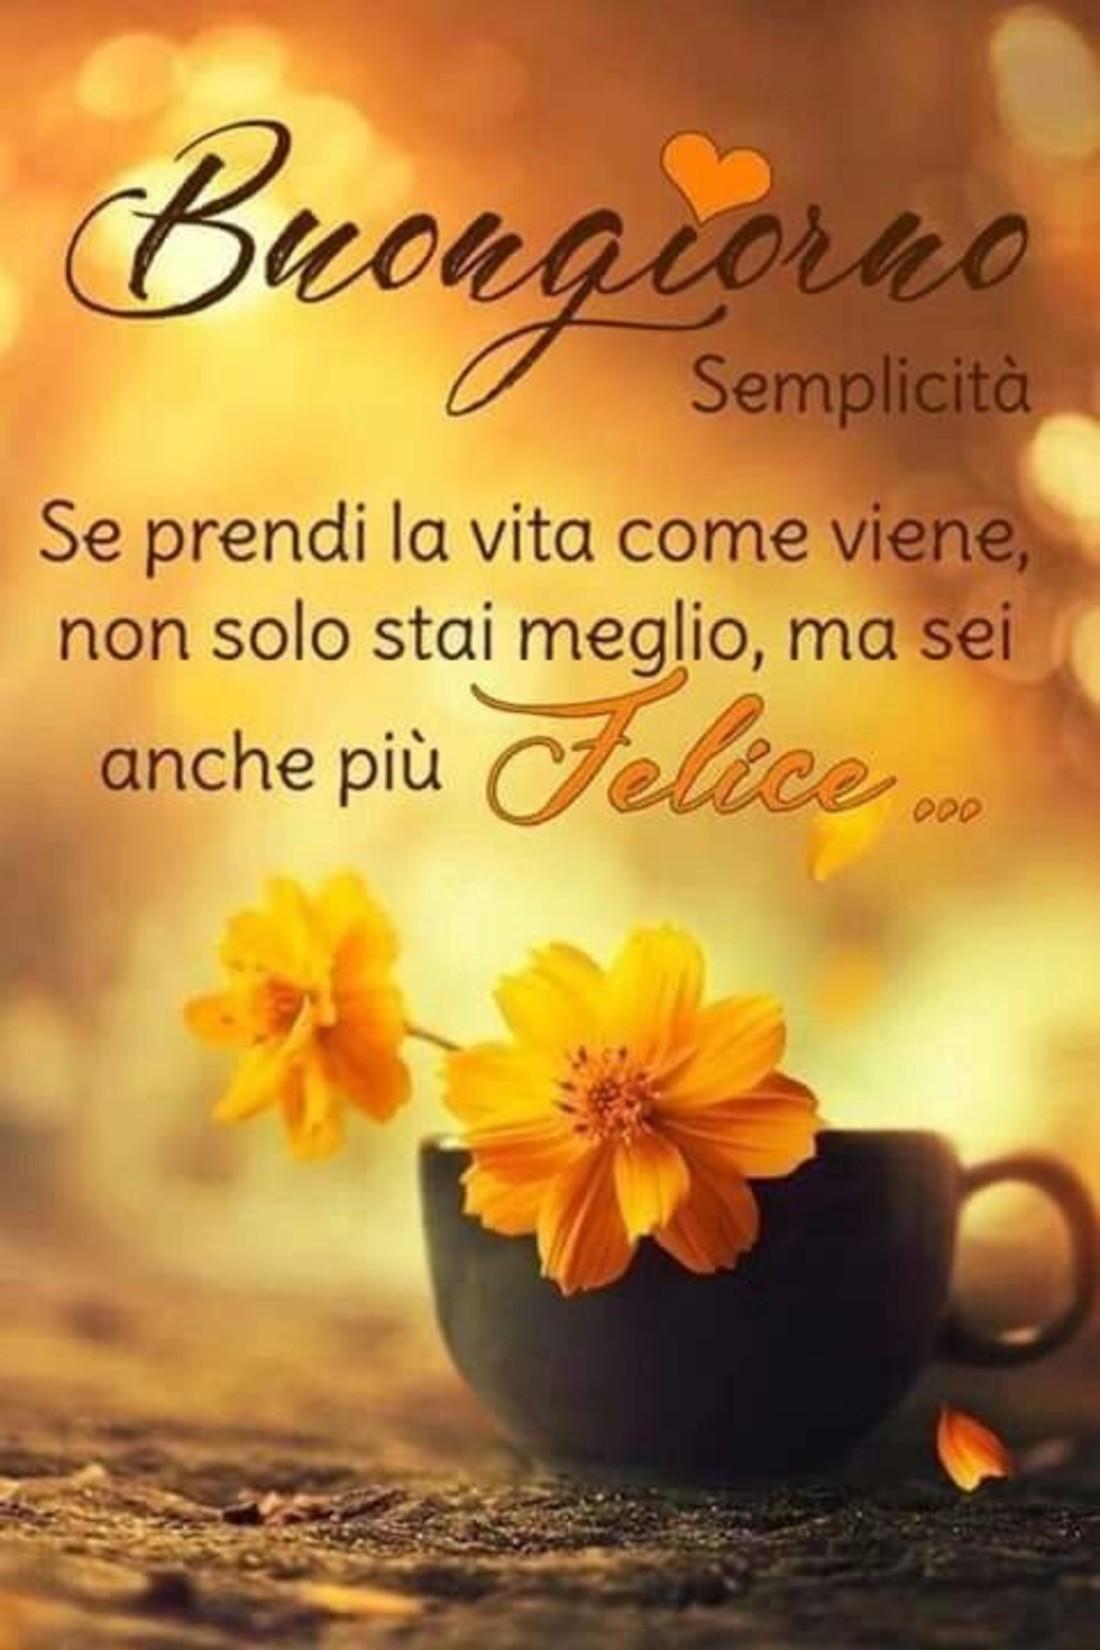 Immagini buongiorno gratis per whatsapp 21 for Foto immagini buongiorno